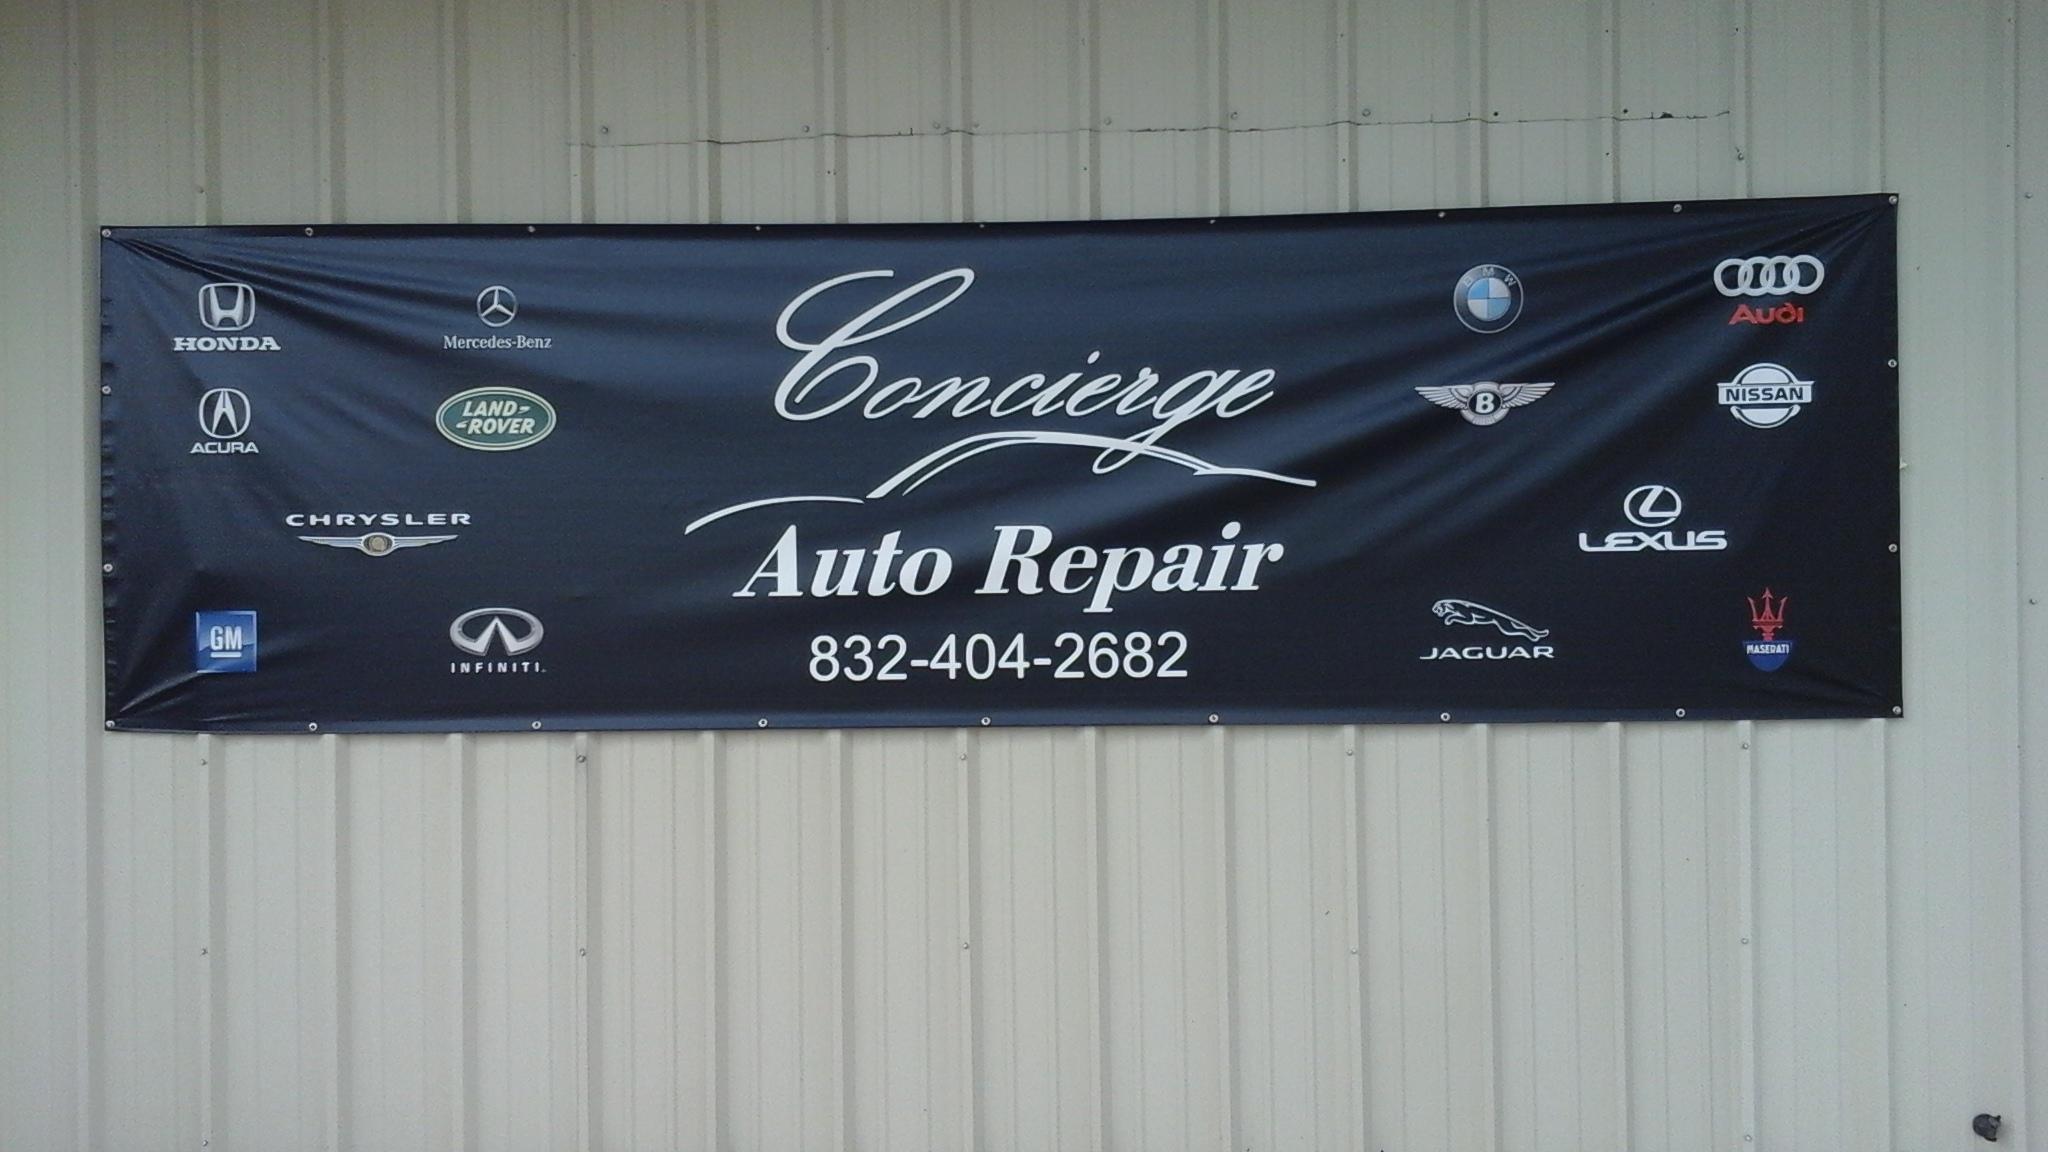 Concierge Auto Repair image 6